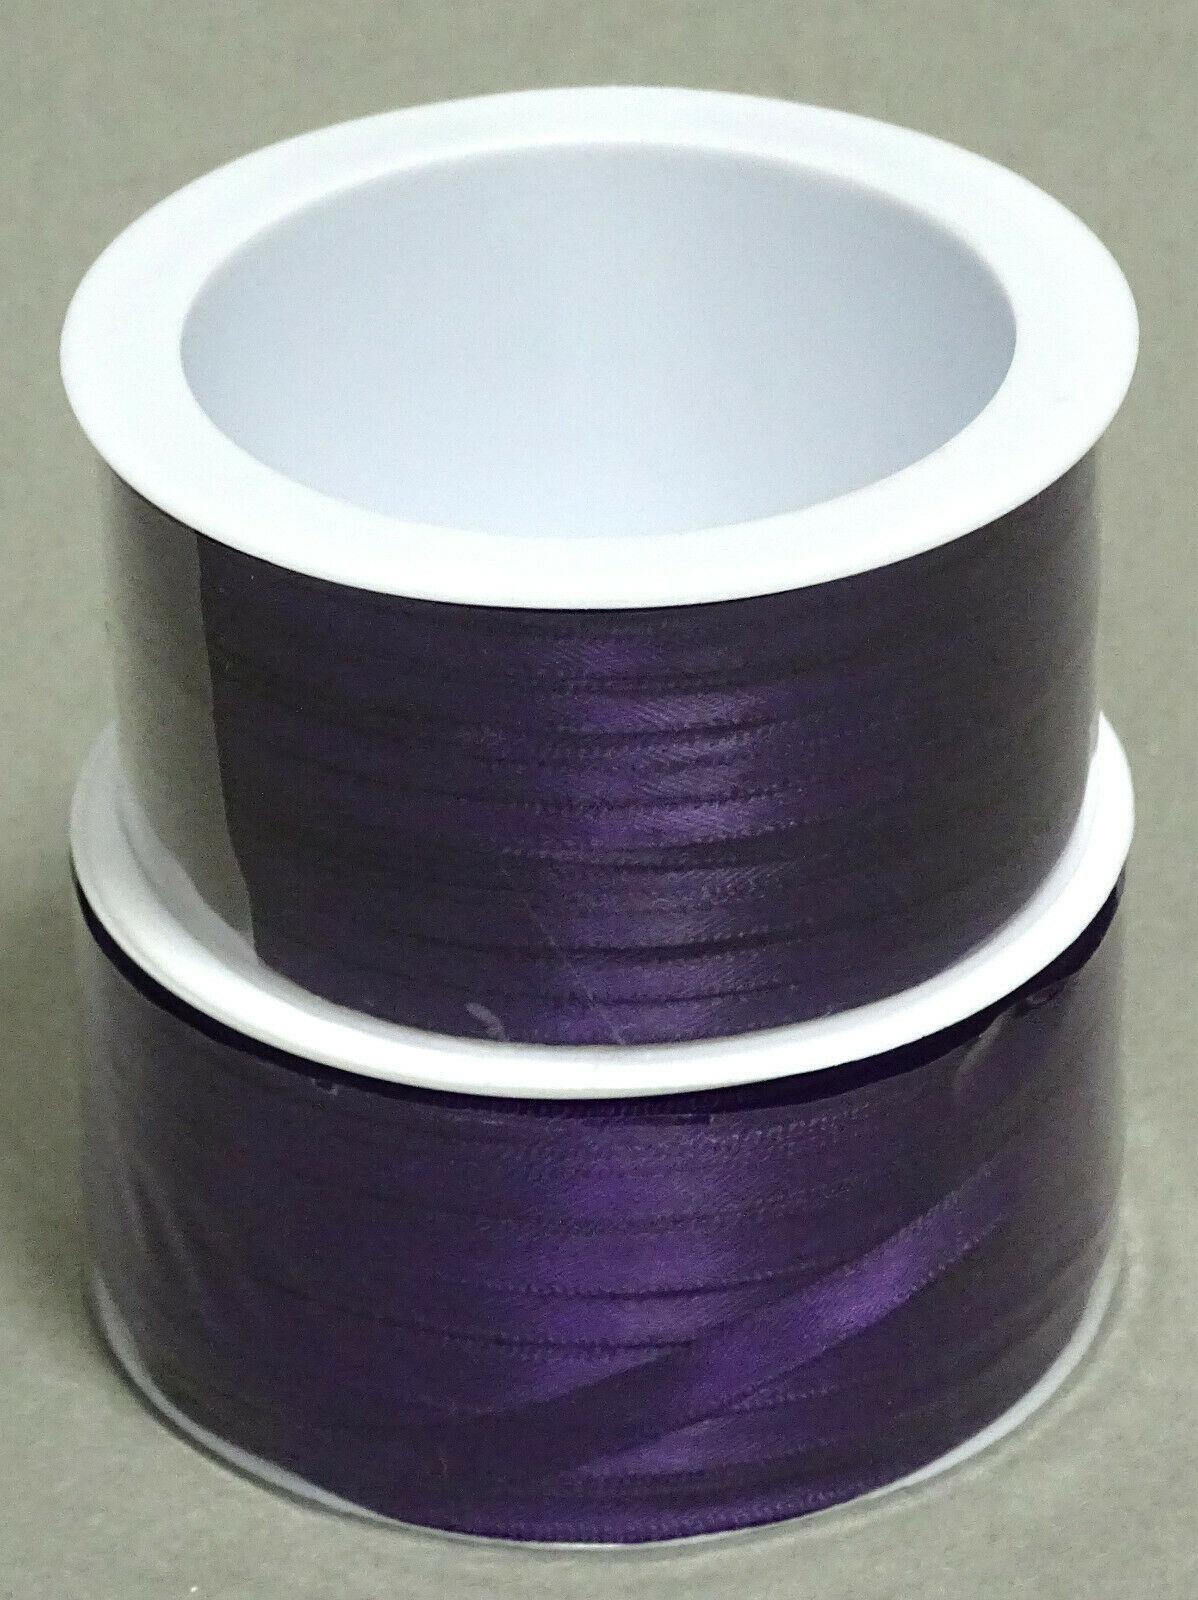 Satinband Schleifenband 50m x 3mm / 6mm Dekoband ab 0,05 €/m Geschenkband Rolle - Violett 133, 6 mm x 50 m